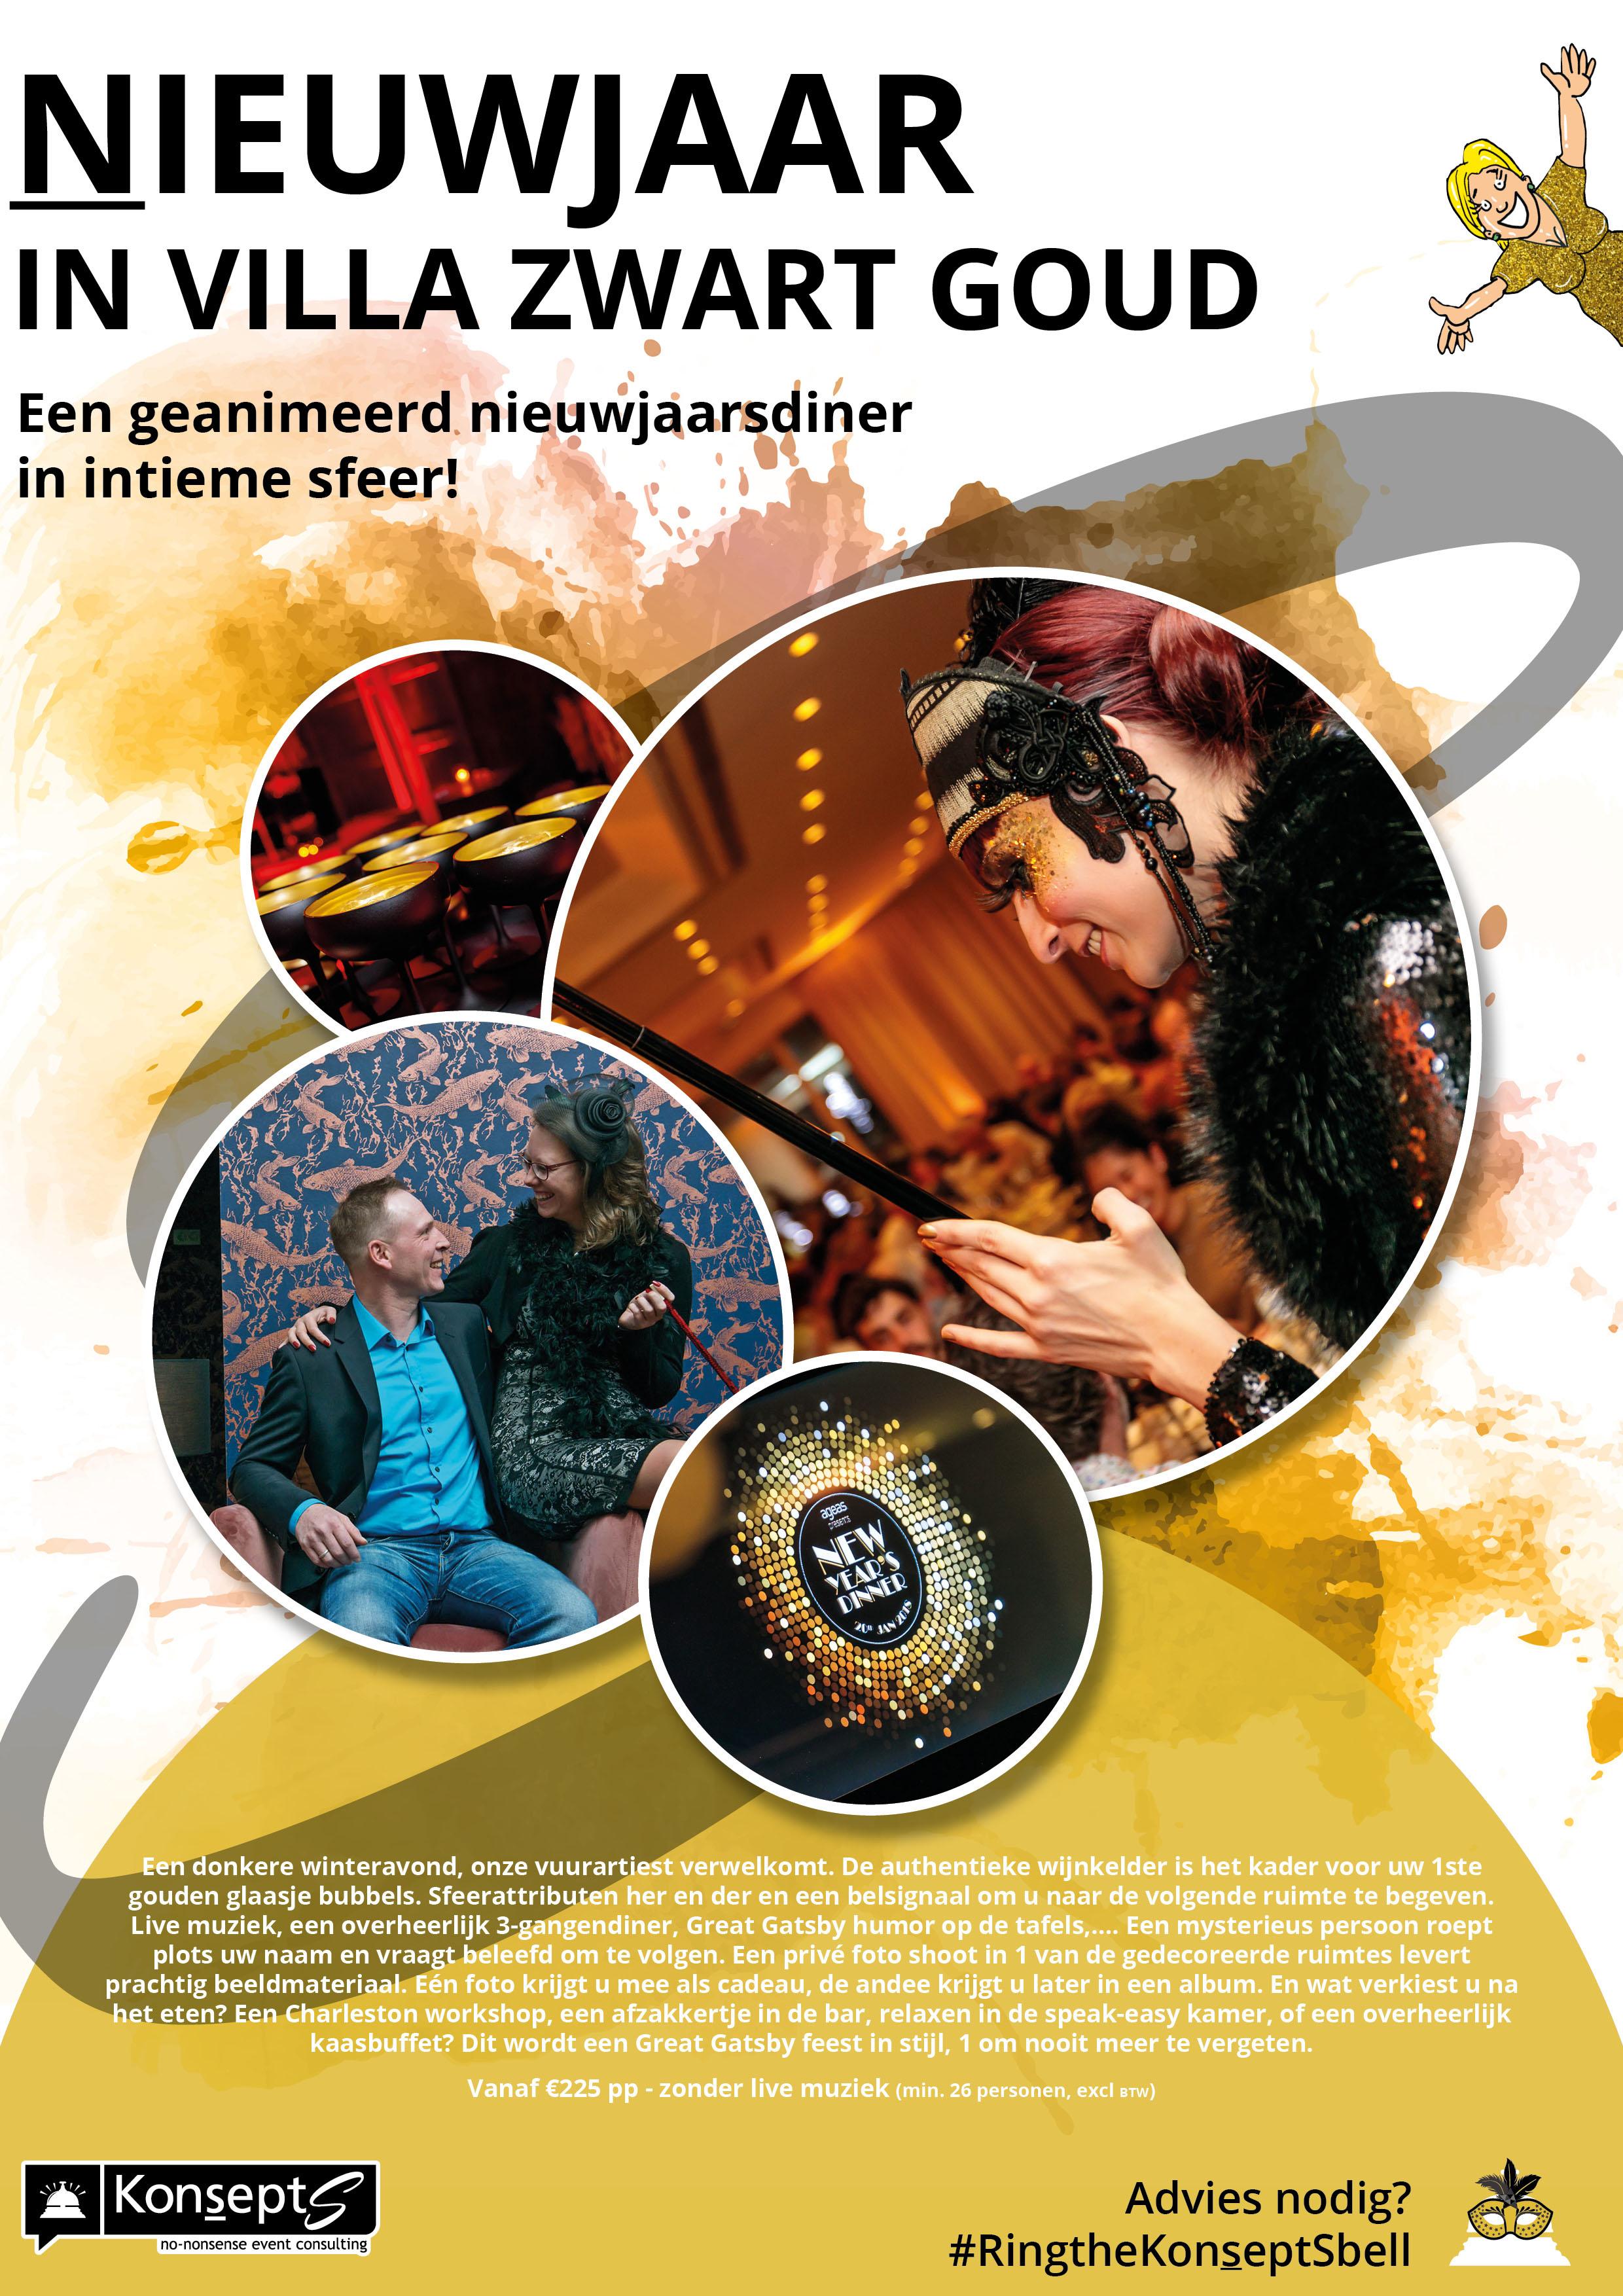 Nieuwjaar in Villa Zwart Goud Flyer nieuwjaarsdiner bedrijven